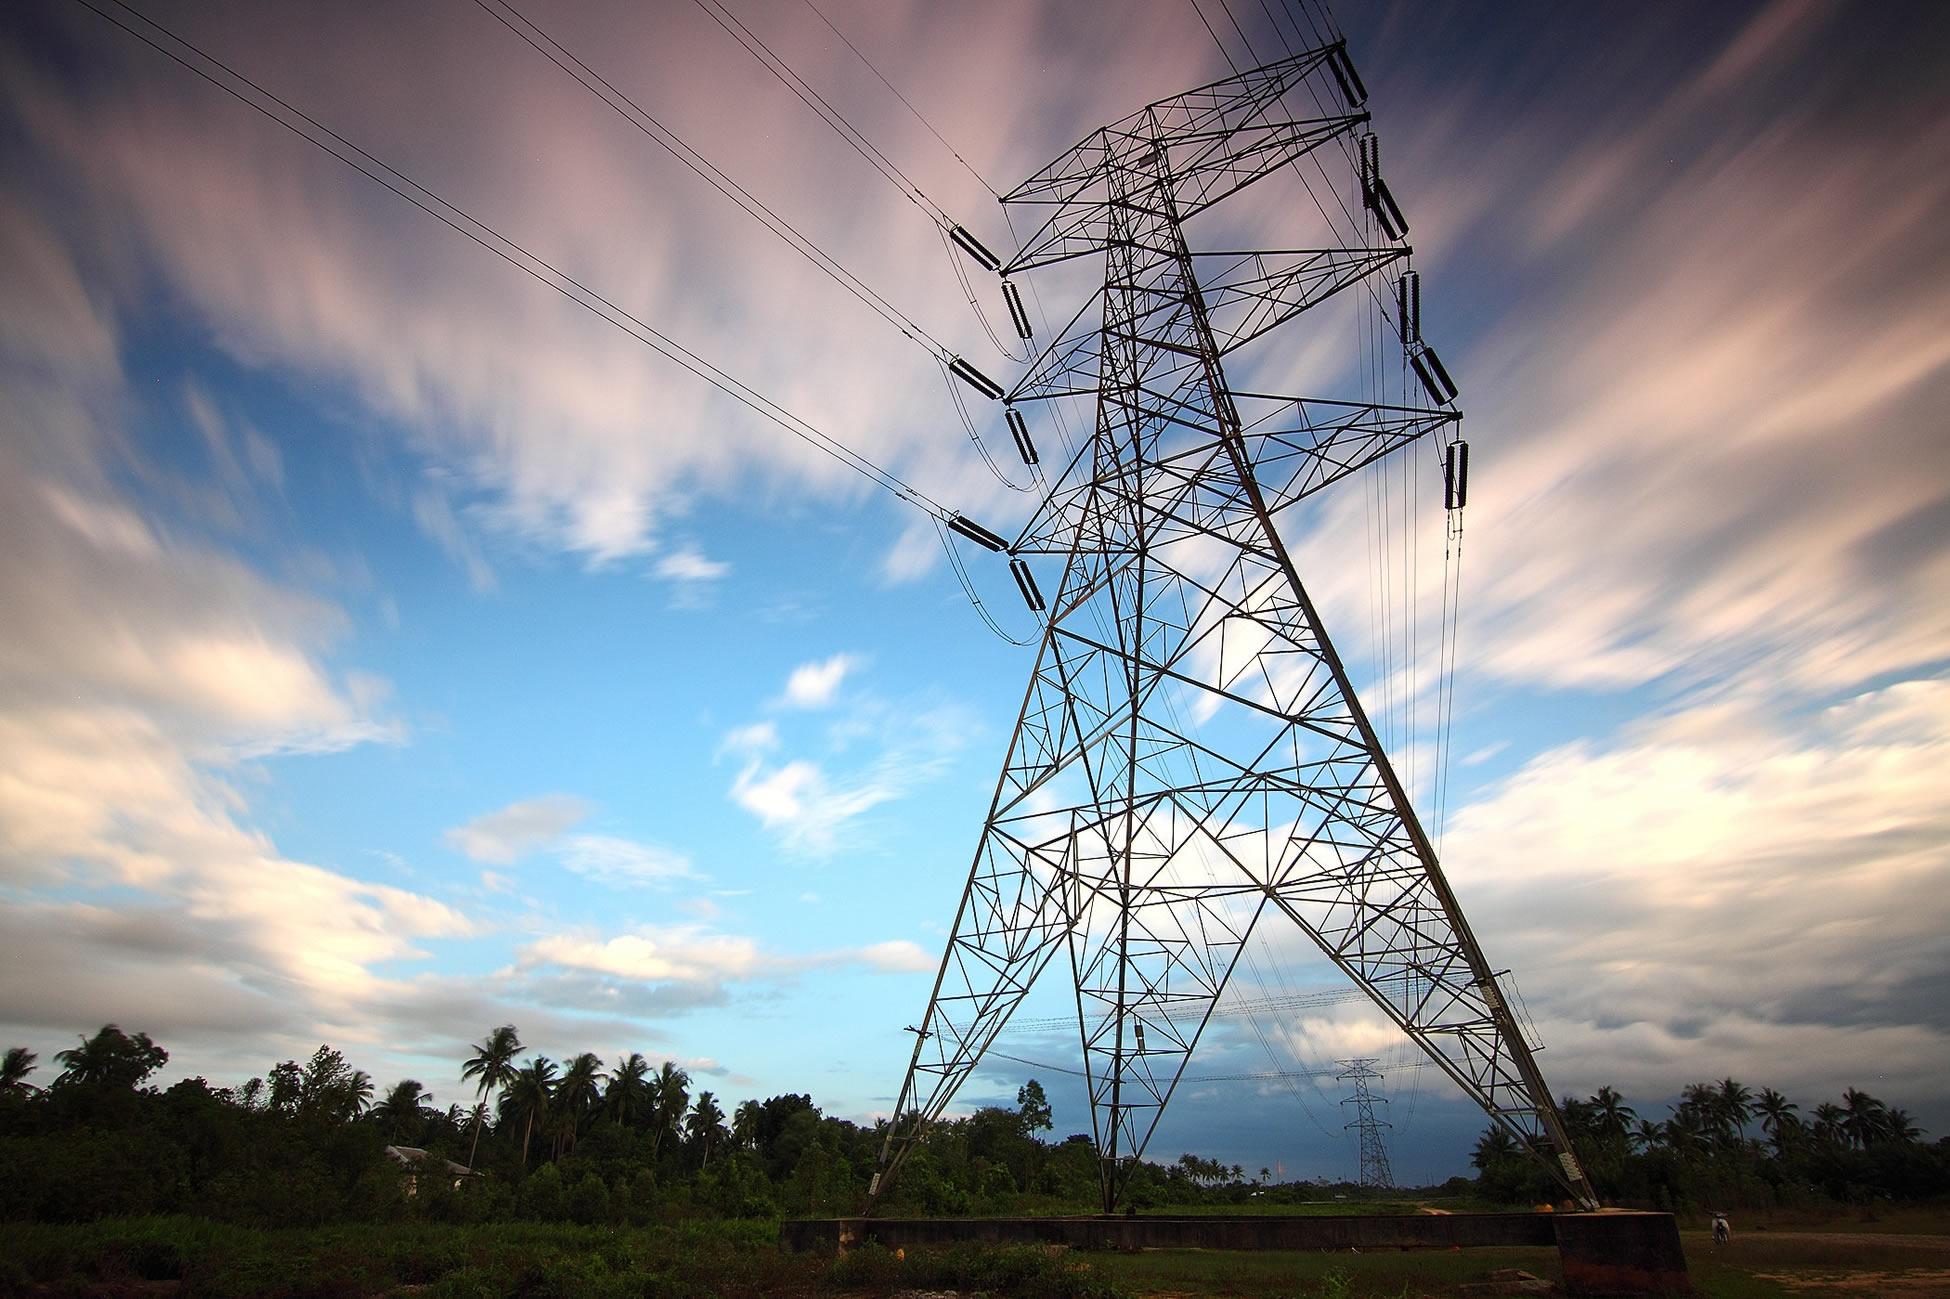 KOMENTÁŘ: Ochrana spotřebitelů v energetice již nehraje roli